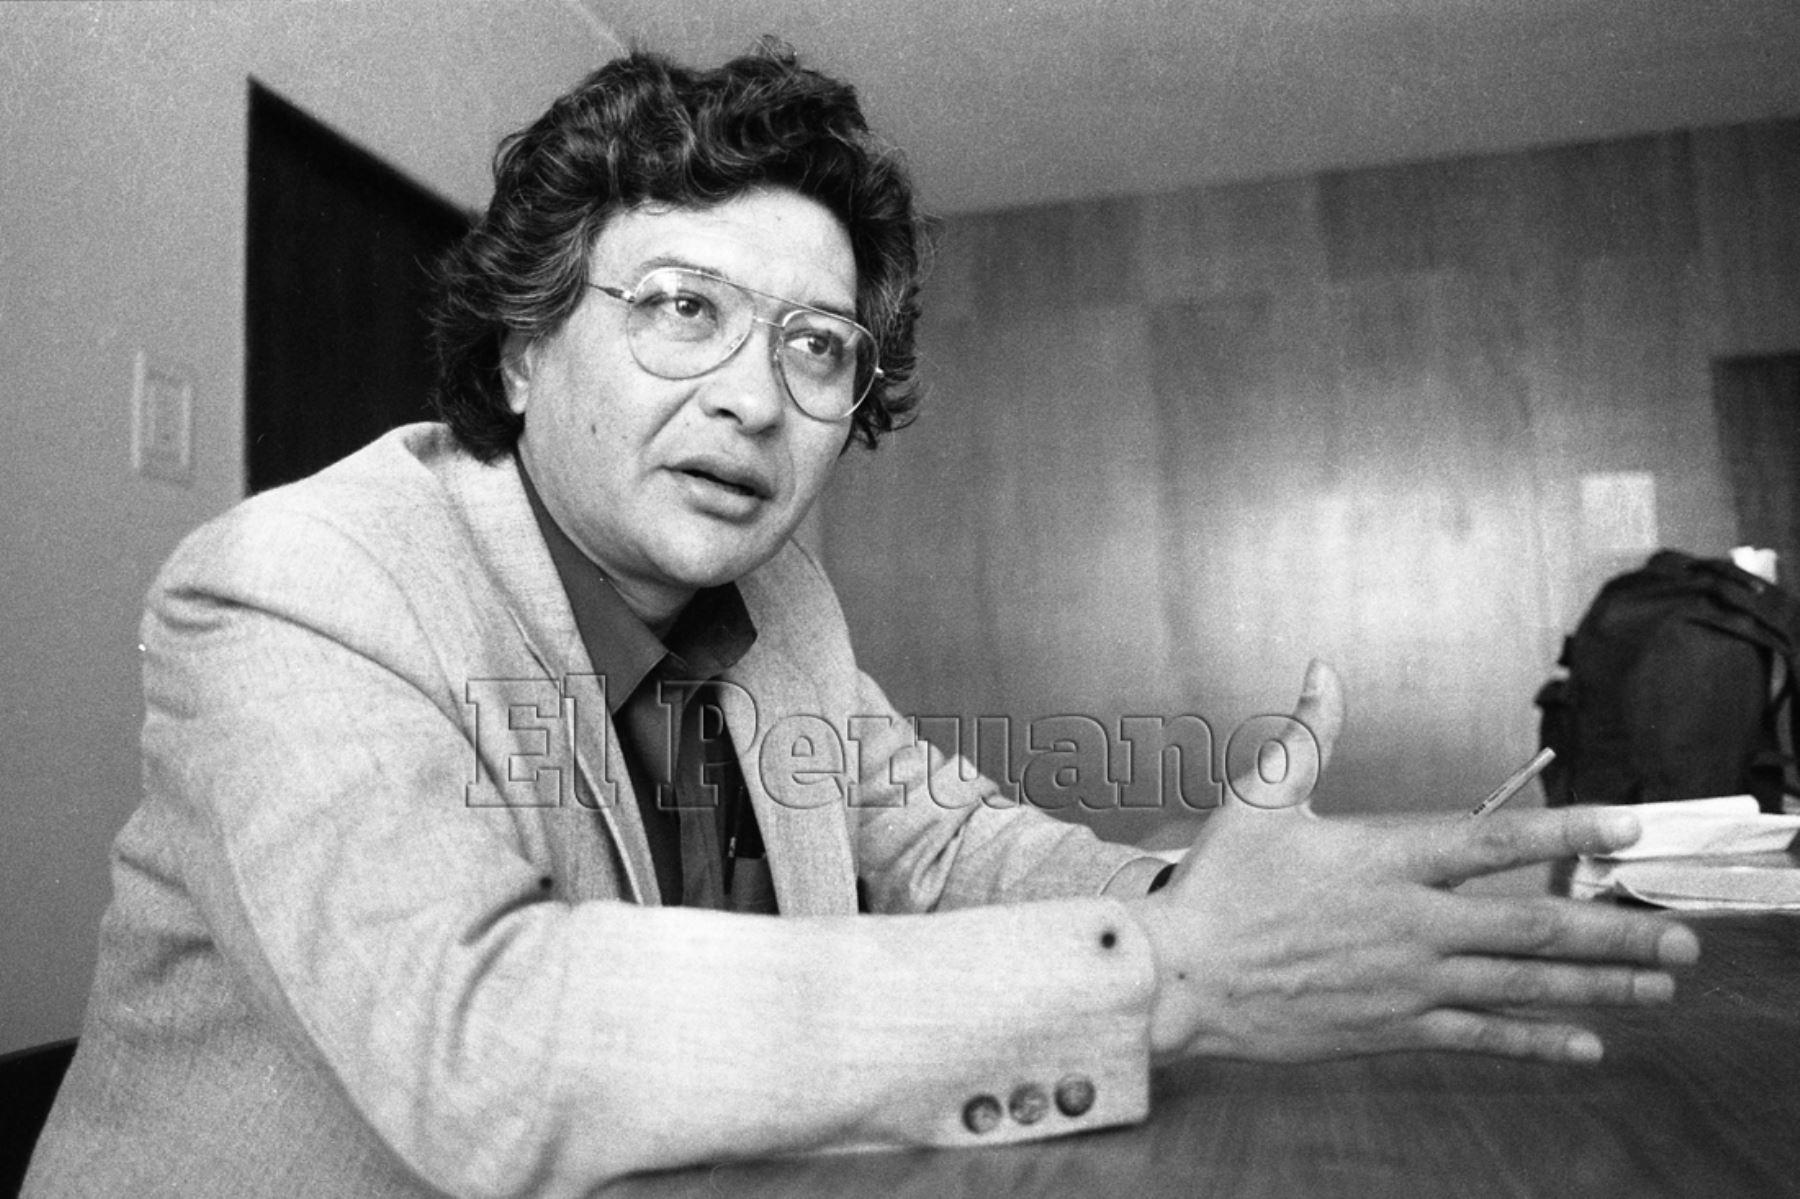 Lima - 30 setiembre 1992 / Poeta José Watanabe